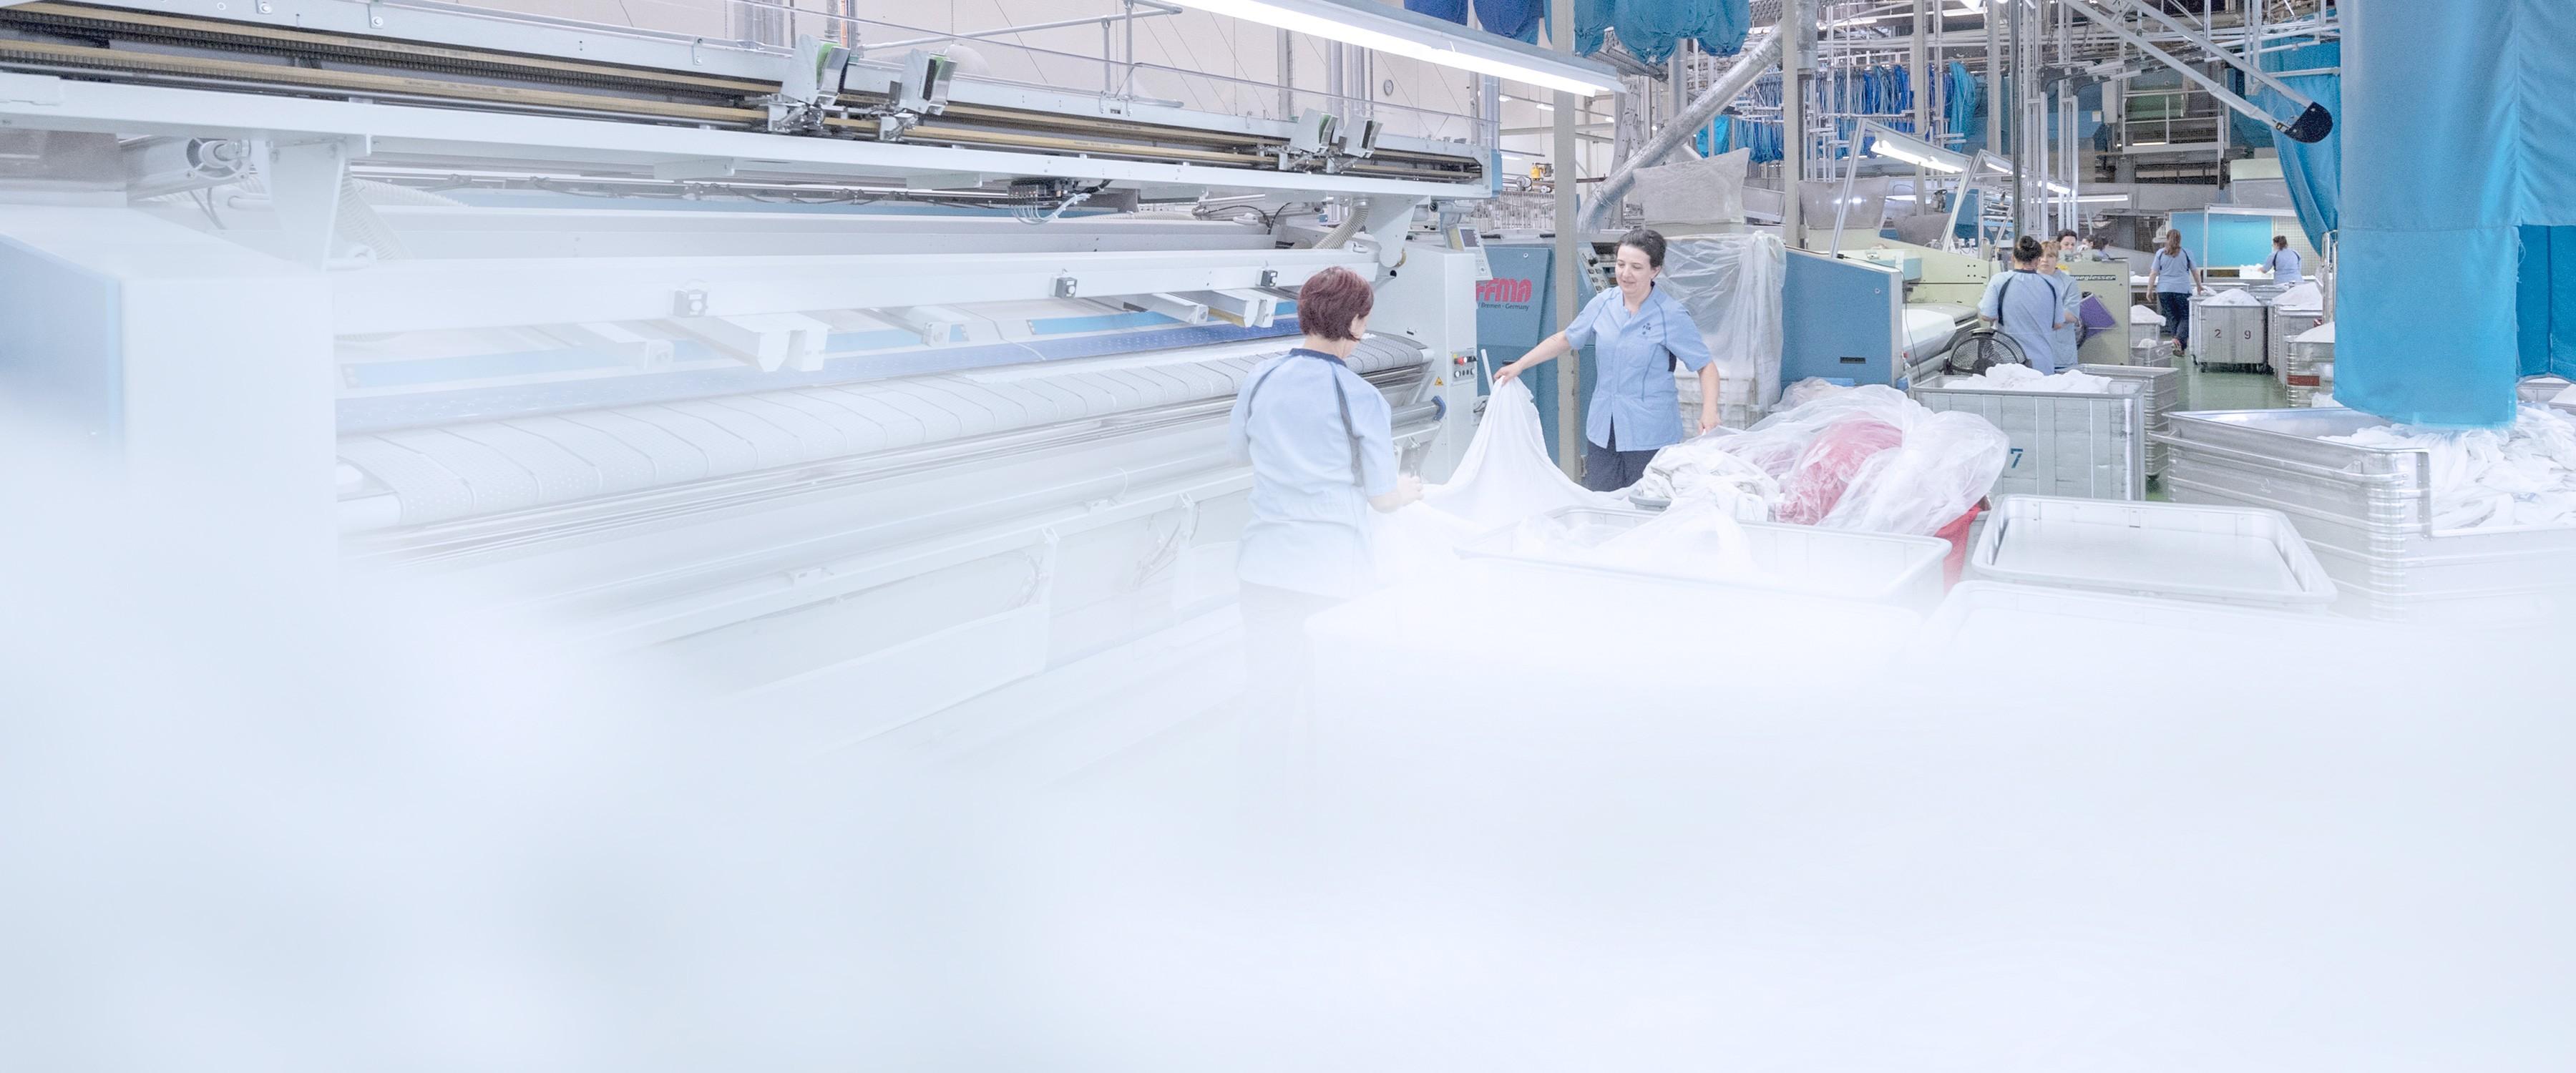 Fix AG Grosswäscherei & Textilreinigung